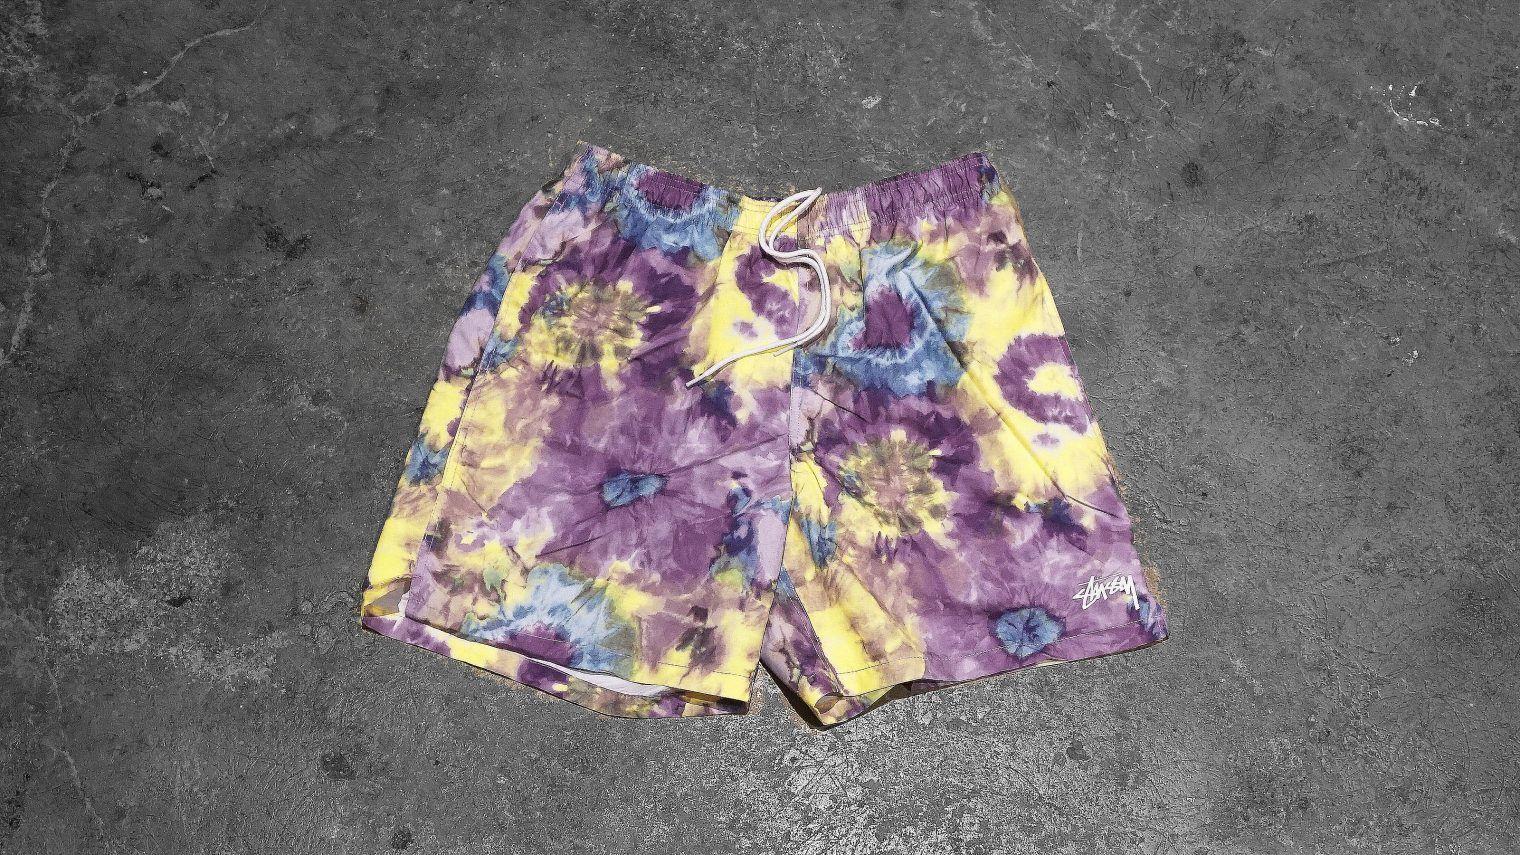 e7a45f76c61c4 Tie Dye Water Short - Multi | rad things | Stussy tie dye, Tie Dye ...